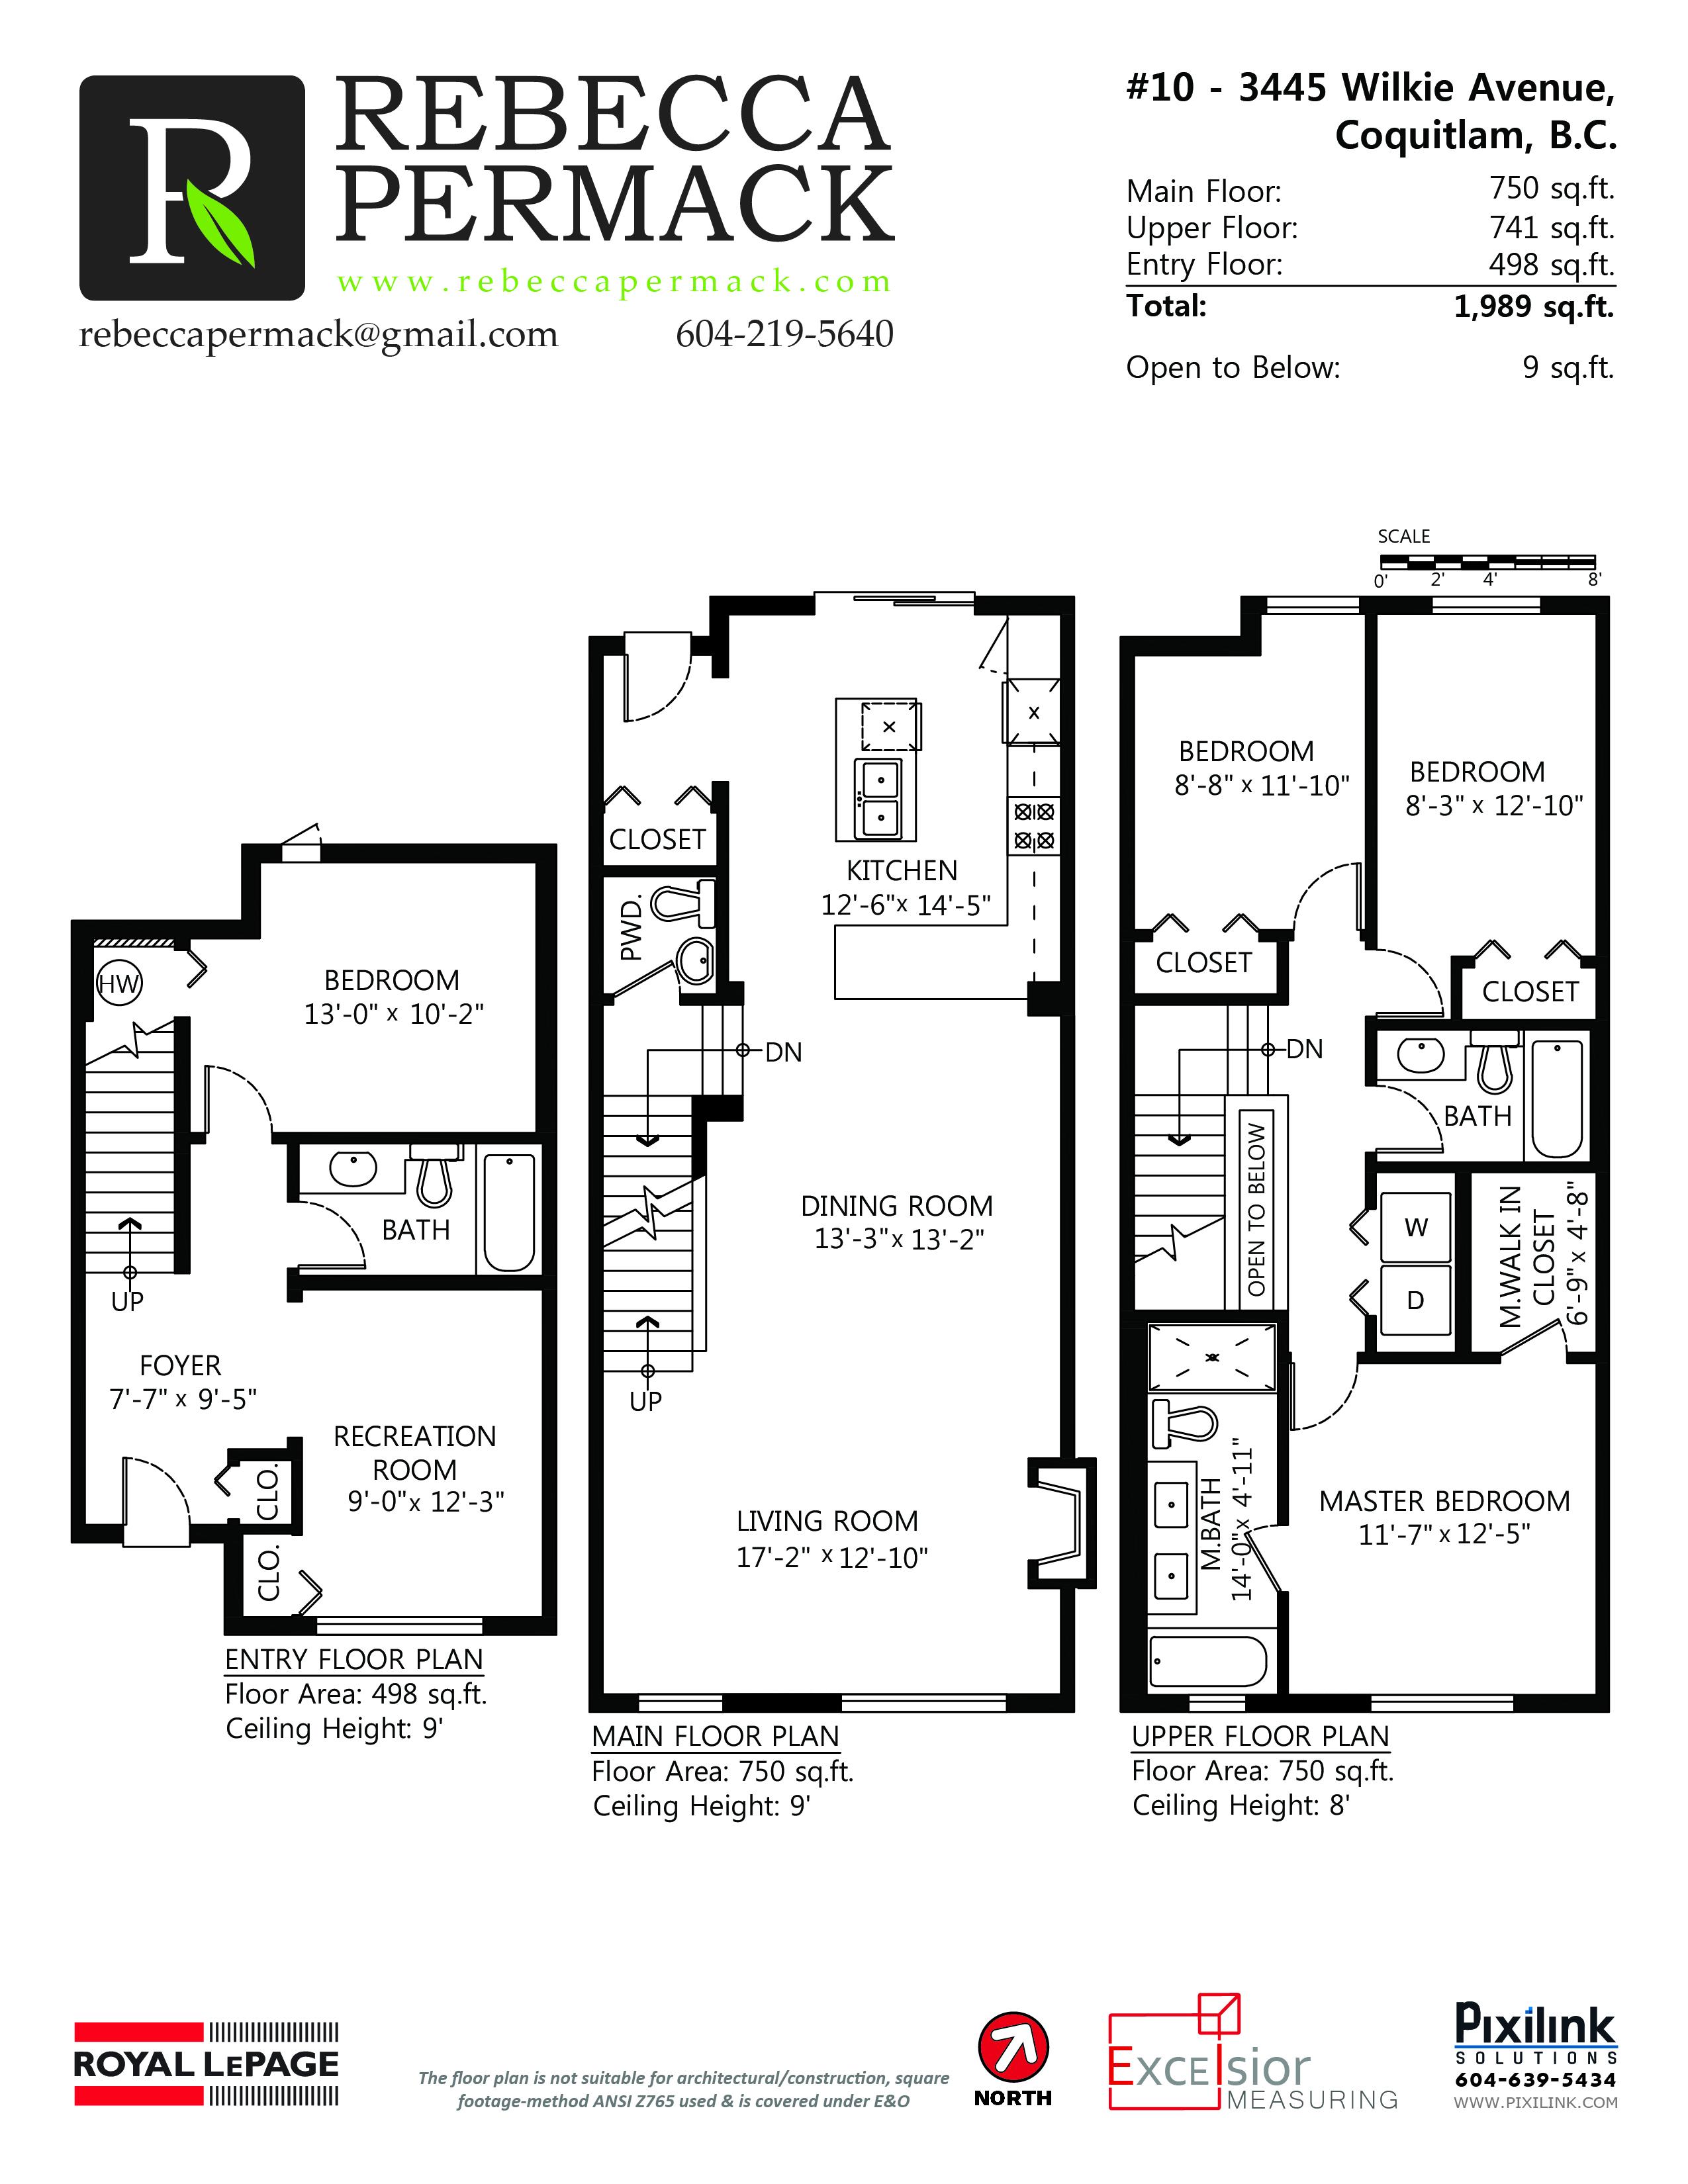 10-3445 Wilkie - Floorplan